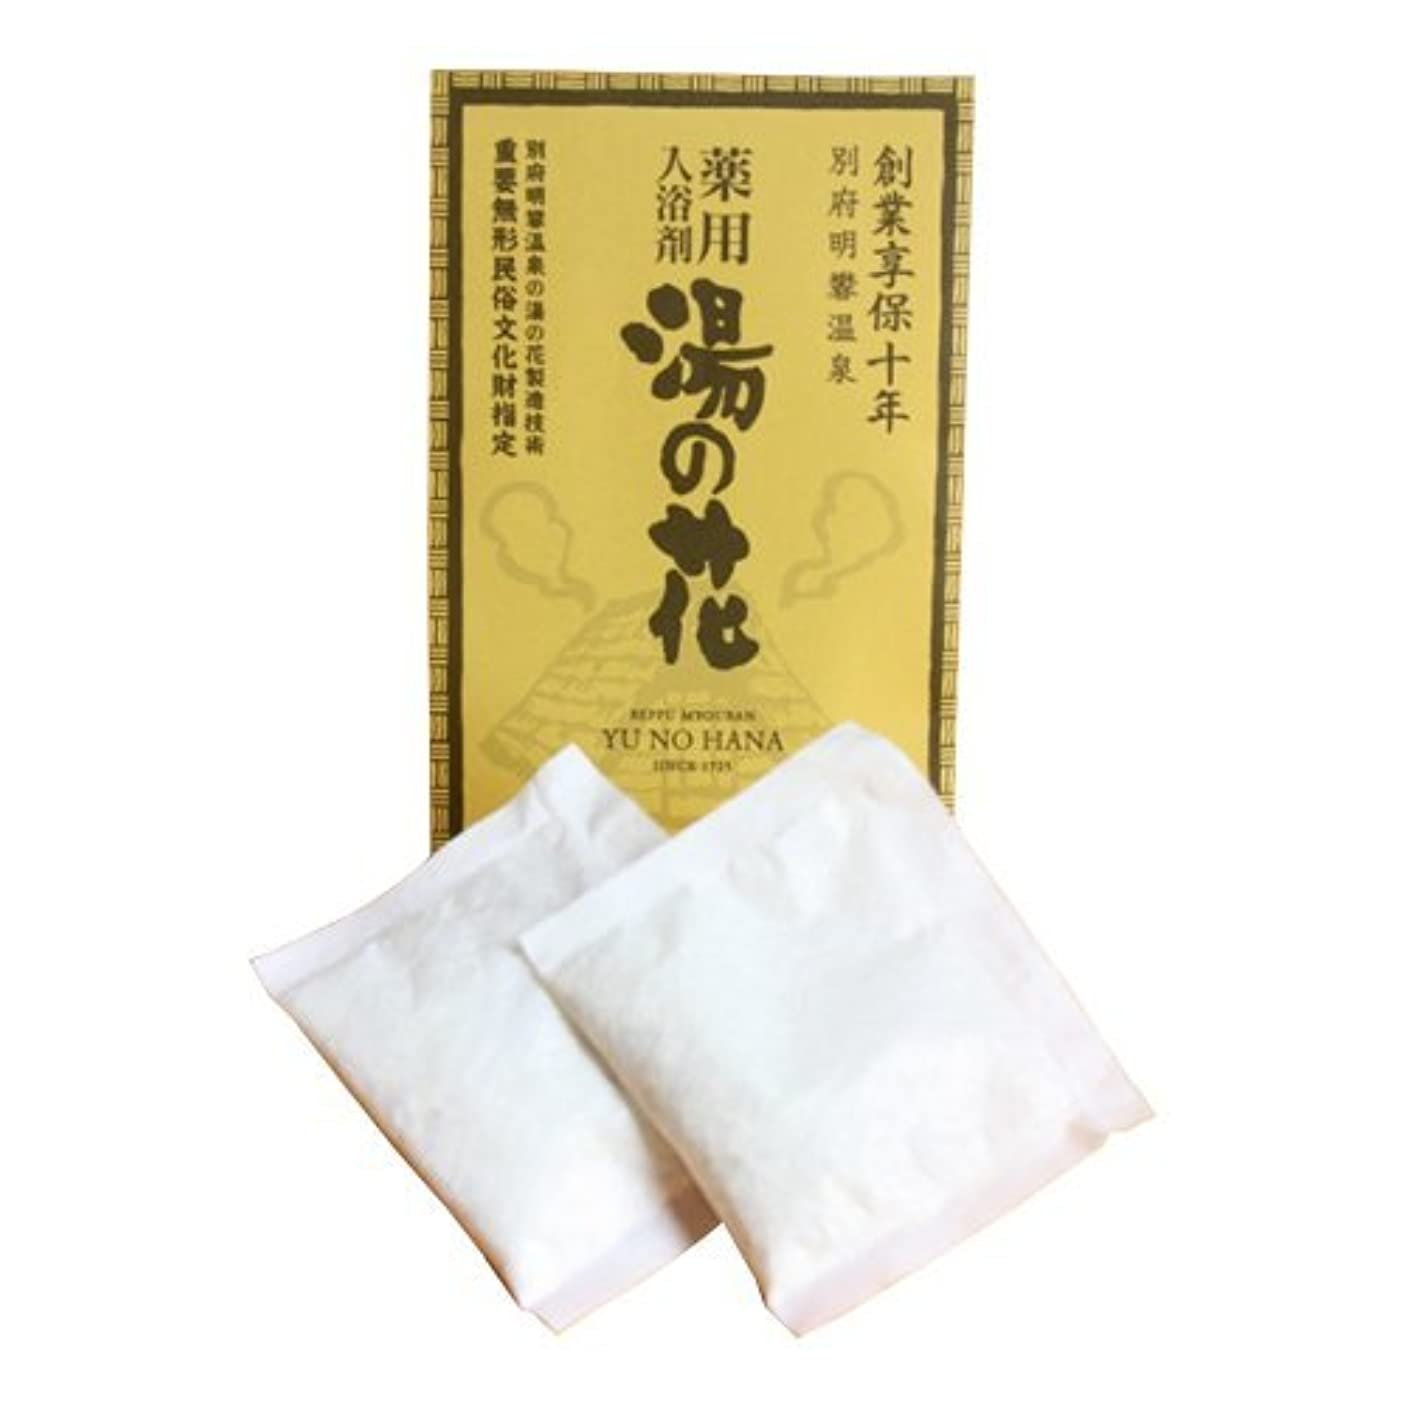 ロールアコード精巧な明礬(みょうばん)温泉 薬用湯の花 2回分